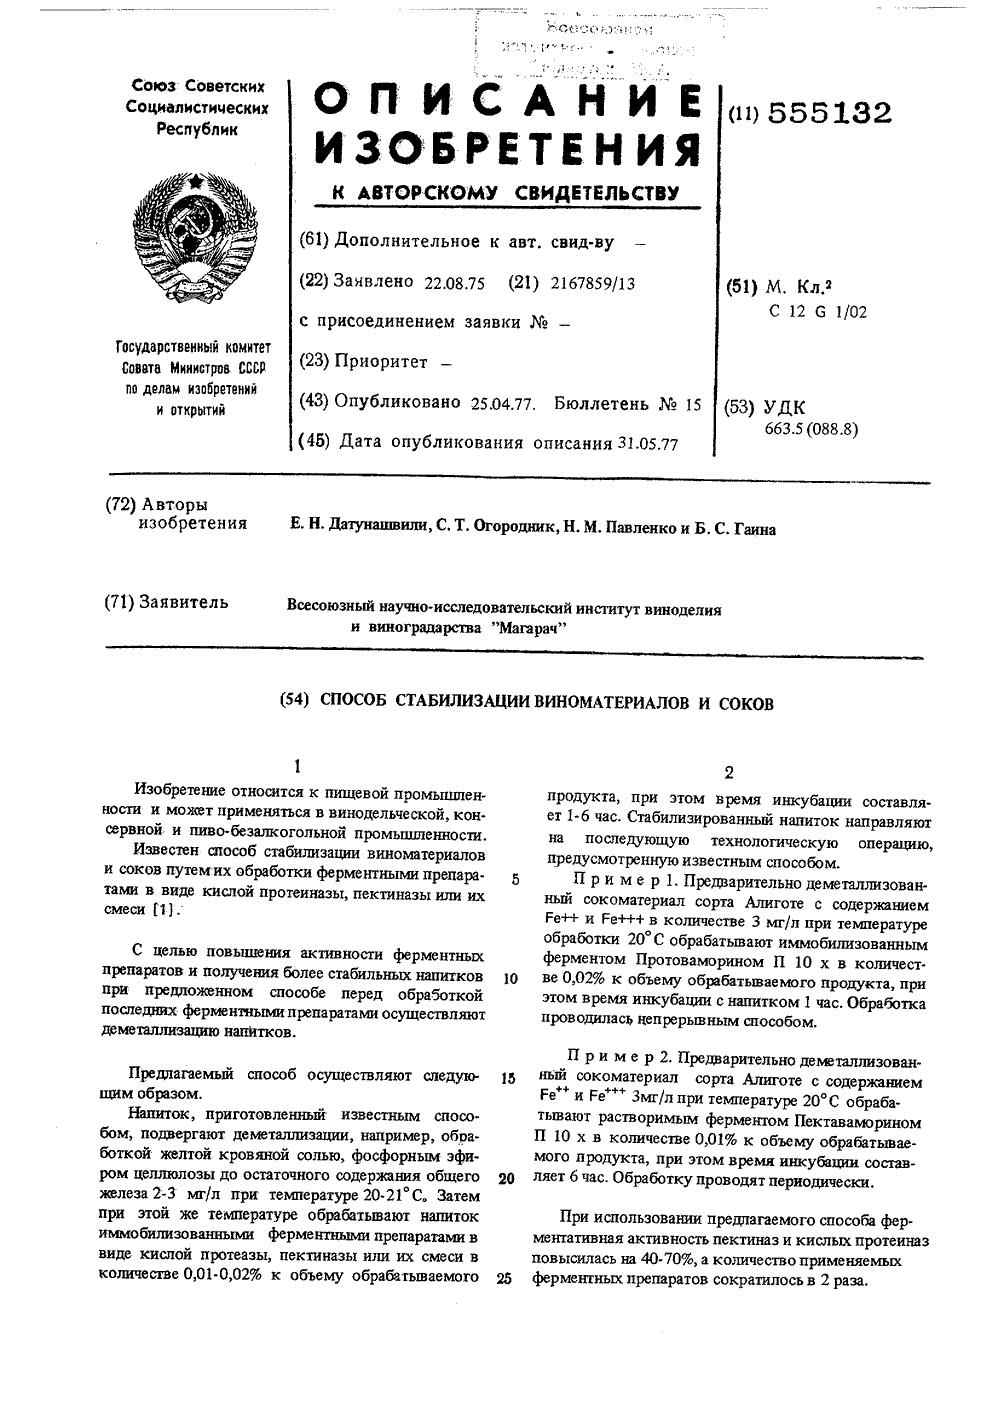 сборник технологических инструкций по производству овощных соков